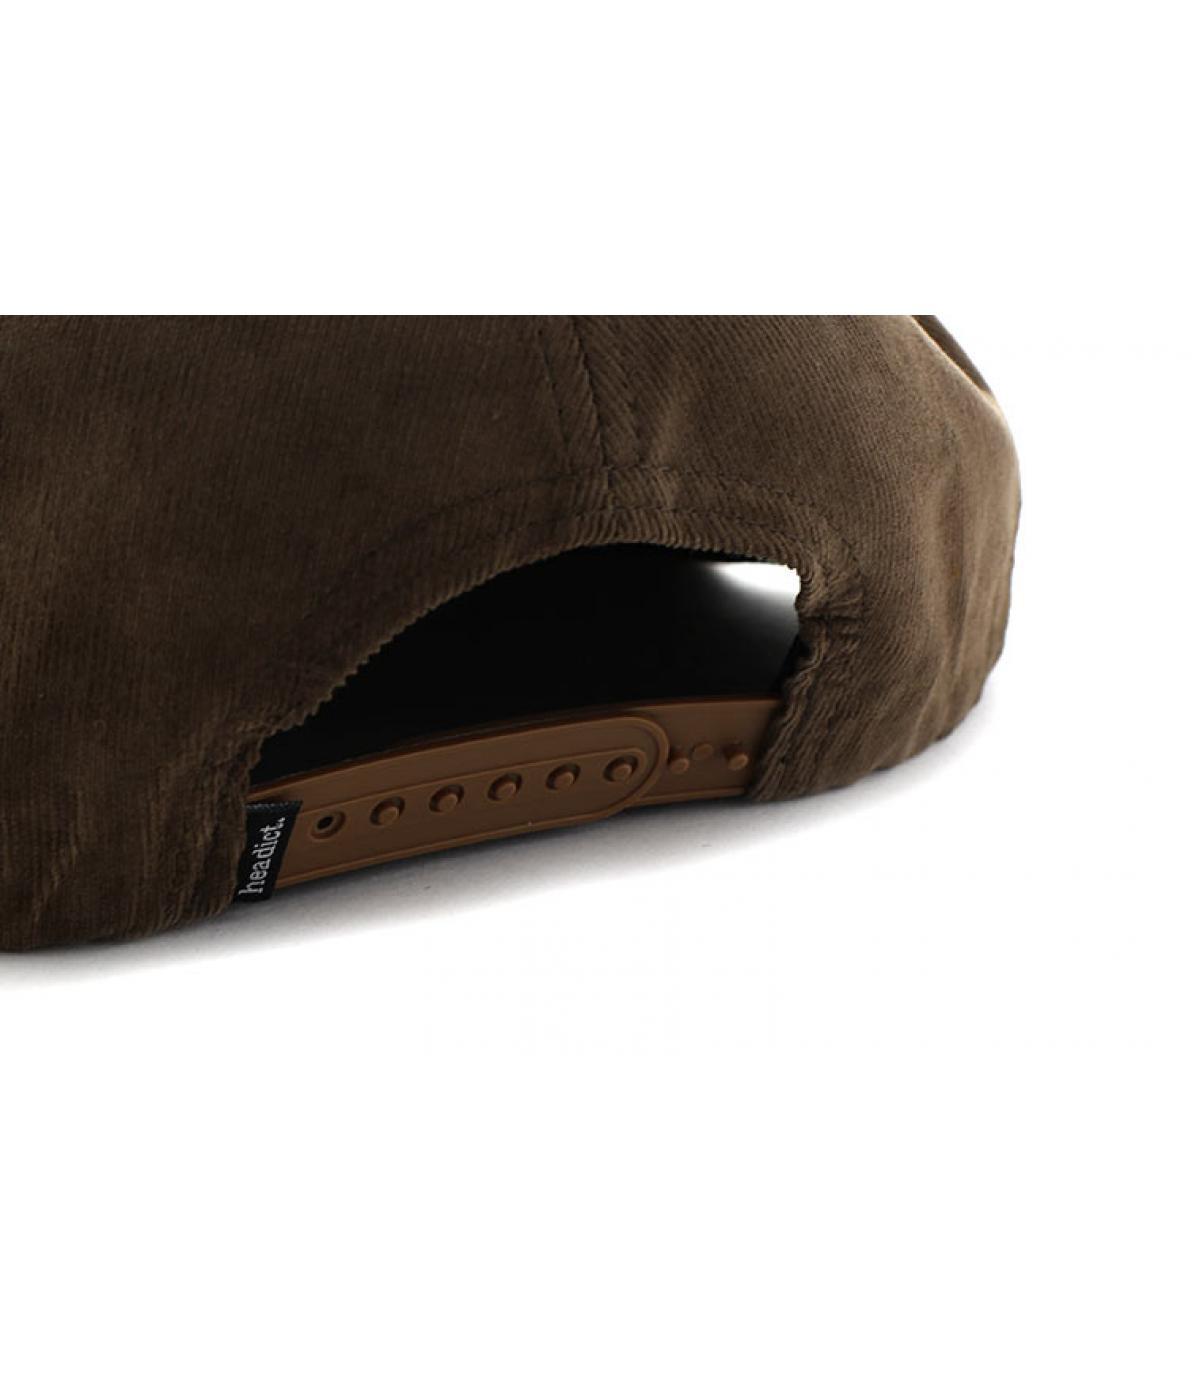 Details Snapback Aaaargh brown cork - afbeeling 5